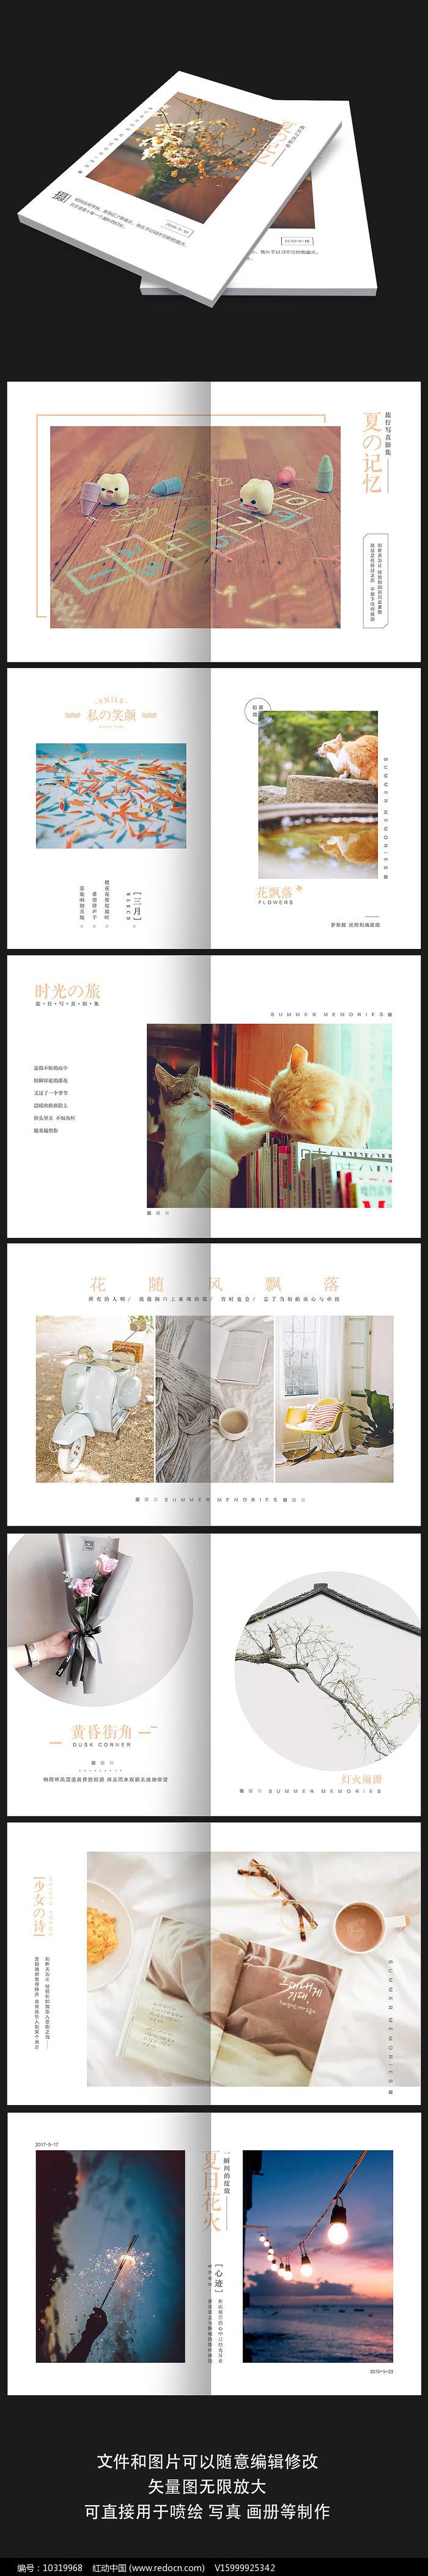 简约文艺旅行摄影画册图片